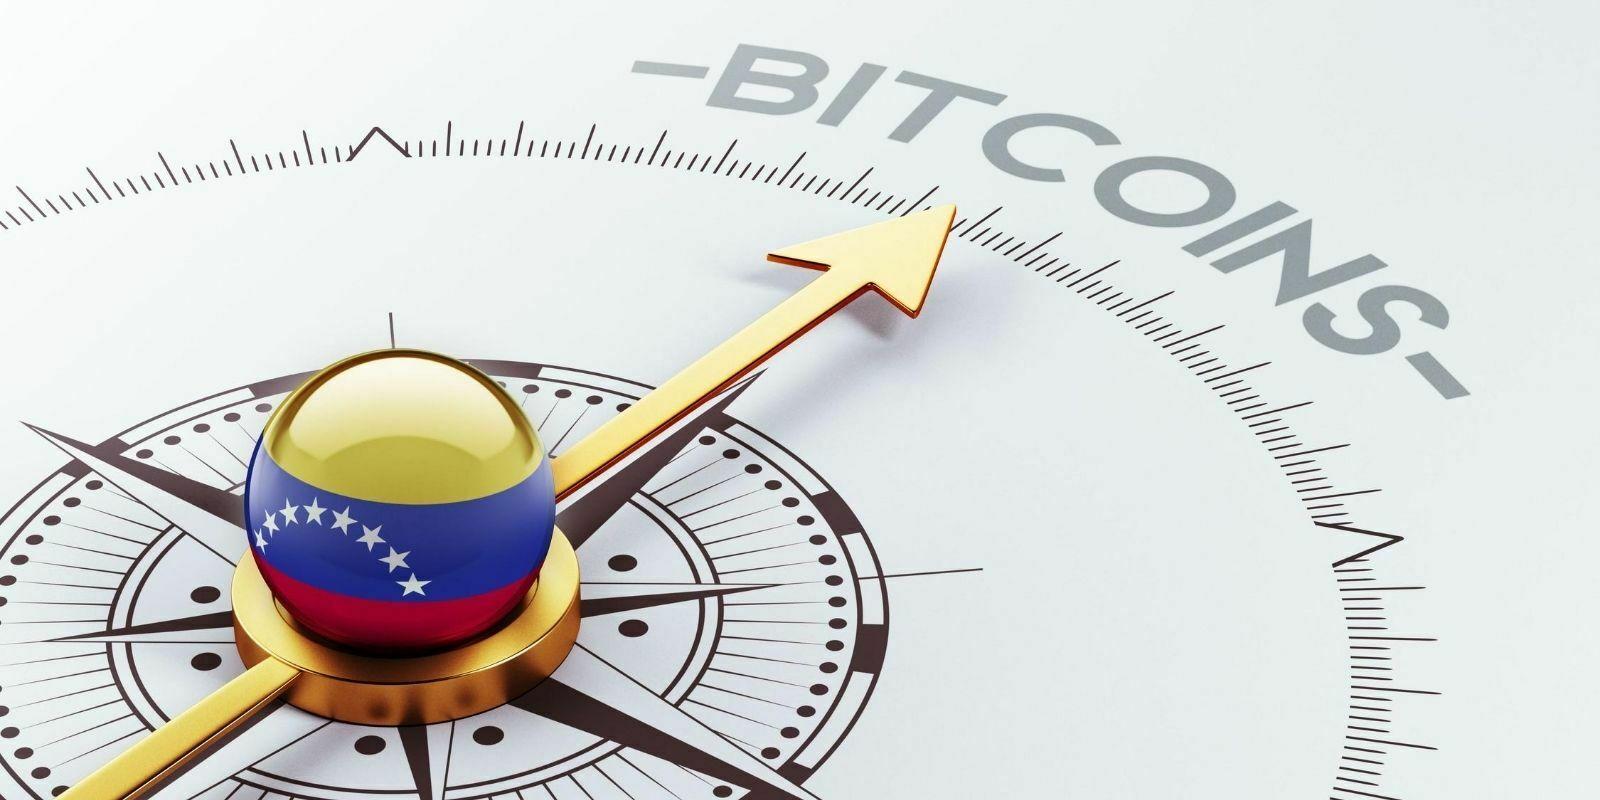 Venezuela : l'adoption des cryptos grimpe au milieu de l'hyperinflation